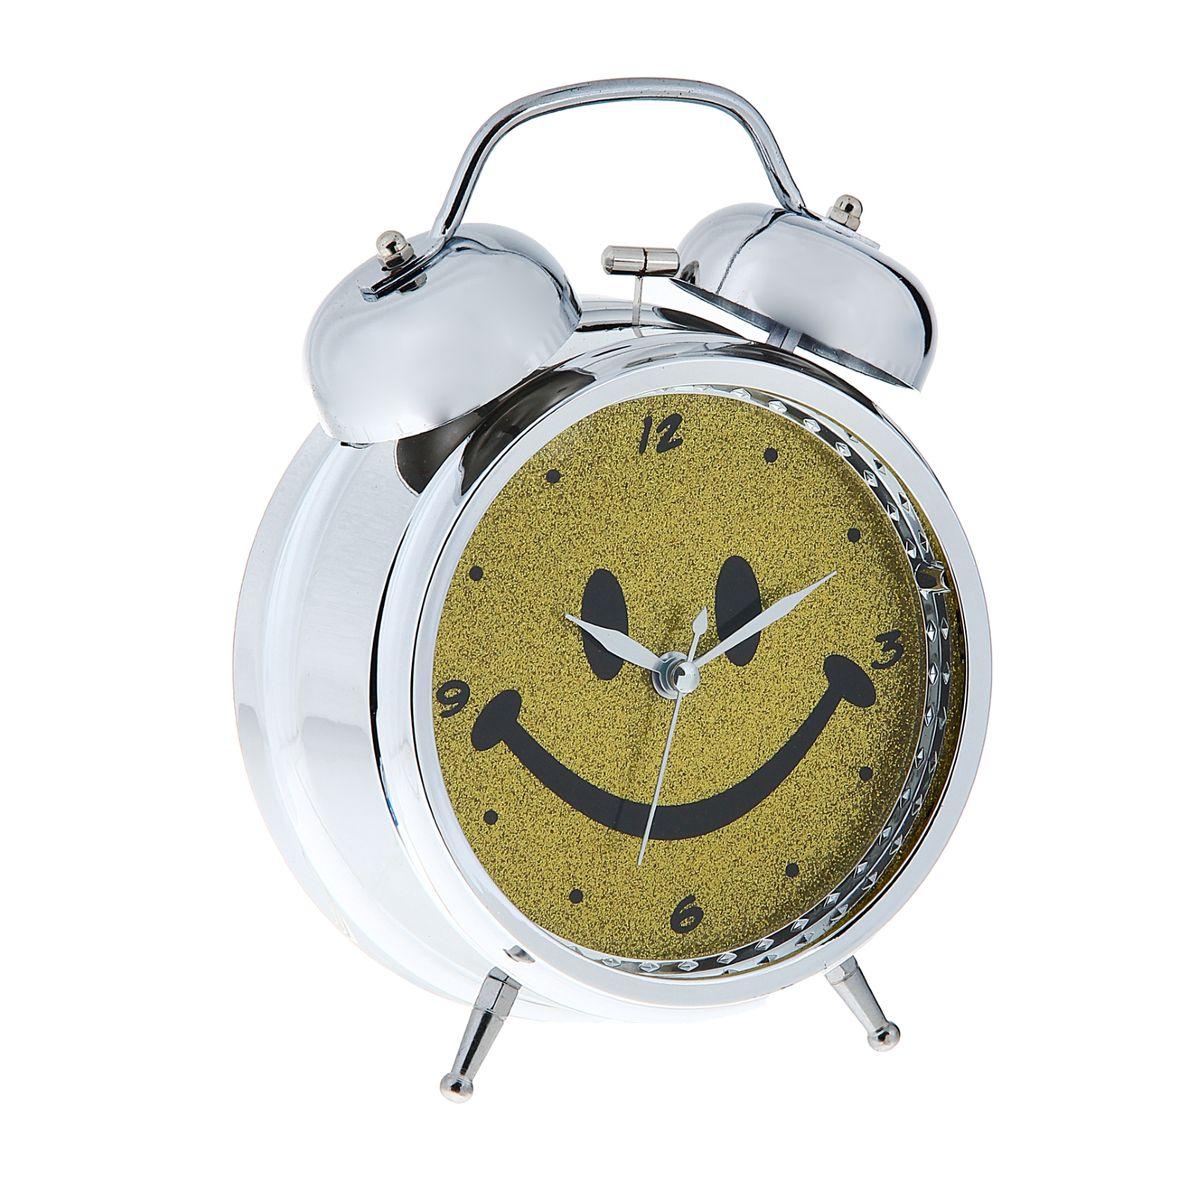 Часы-будильник Sima-land Смайл1056420Как же сложно иногда вставать вовремя! Всегда так хочется поспать еще хотя бы 5 минут и бывает, что мы просыпаем. Теперь этого не случится! Яркий, оригинальный будильник Sima-land Смайл поможет вам всегда вставать в нужное время и успевать везде и всюду.Корпус будильника выполнен из металла. Циферблат оформлен изображением смайла, имеет индикацию отметок с арабскими цифрами. Часы снабжены 4 стрелками (секундная, минутная, часовая и для будильника). На задней панели будильника расположен переключатель включения/выключения механизма, а также два колесика для настройки текущего времени и времени звонка будильника. Также будильник оснащен кнопкой, при нажатии и удержании которой подсвечивается циферблат.Пользоваться будильником очень легко: нужно всего лишь поставить батарейки, настроить точное время и установить время звонка. Необходимо докупить 3 батарейки типа АА (не входят в комплект).